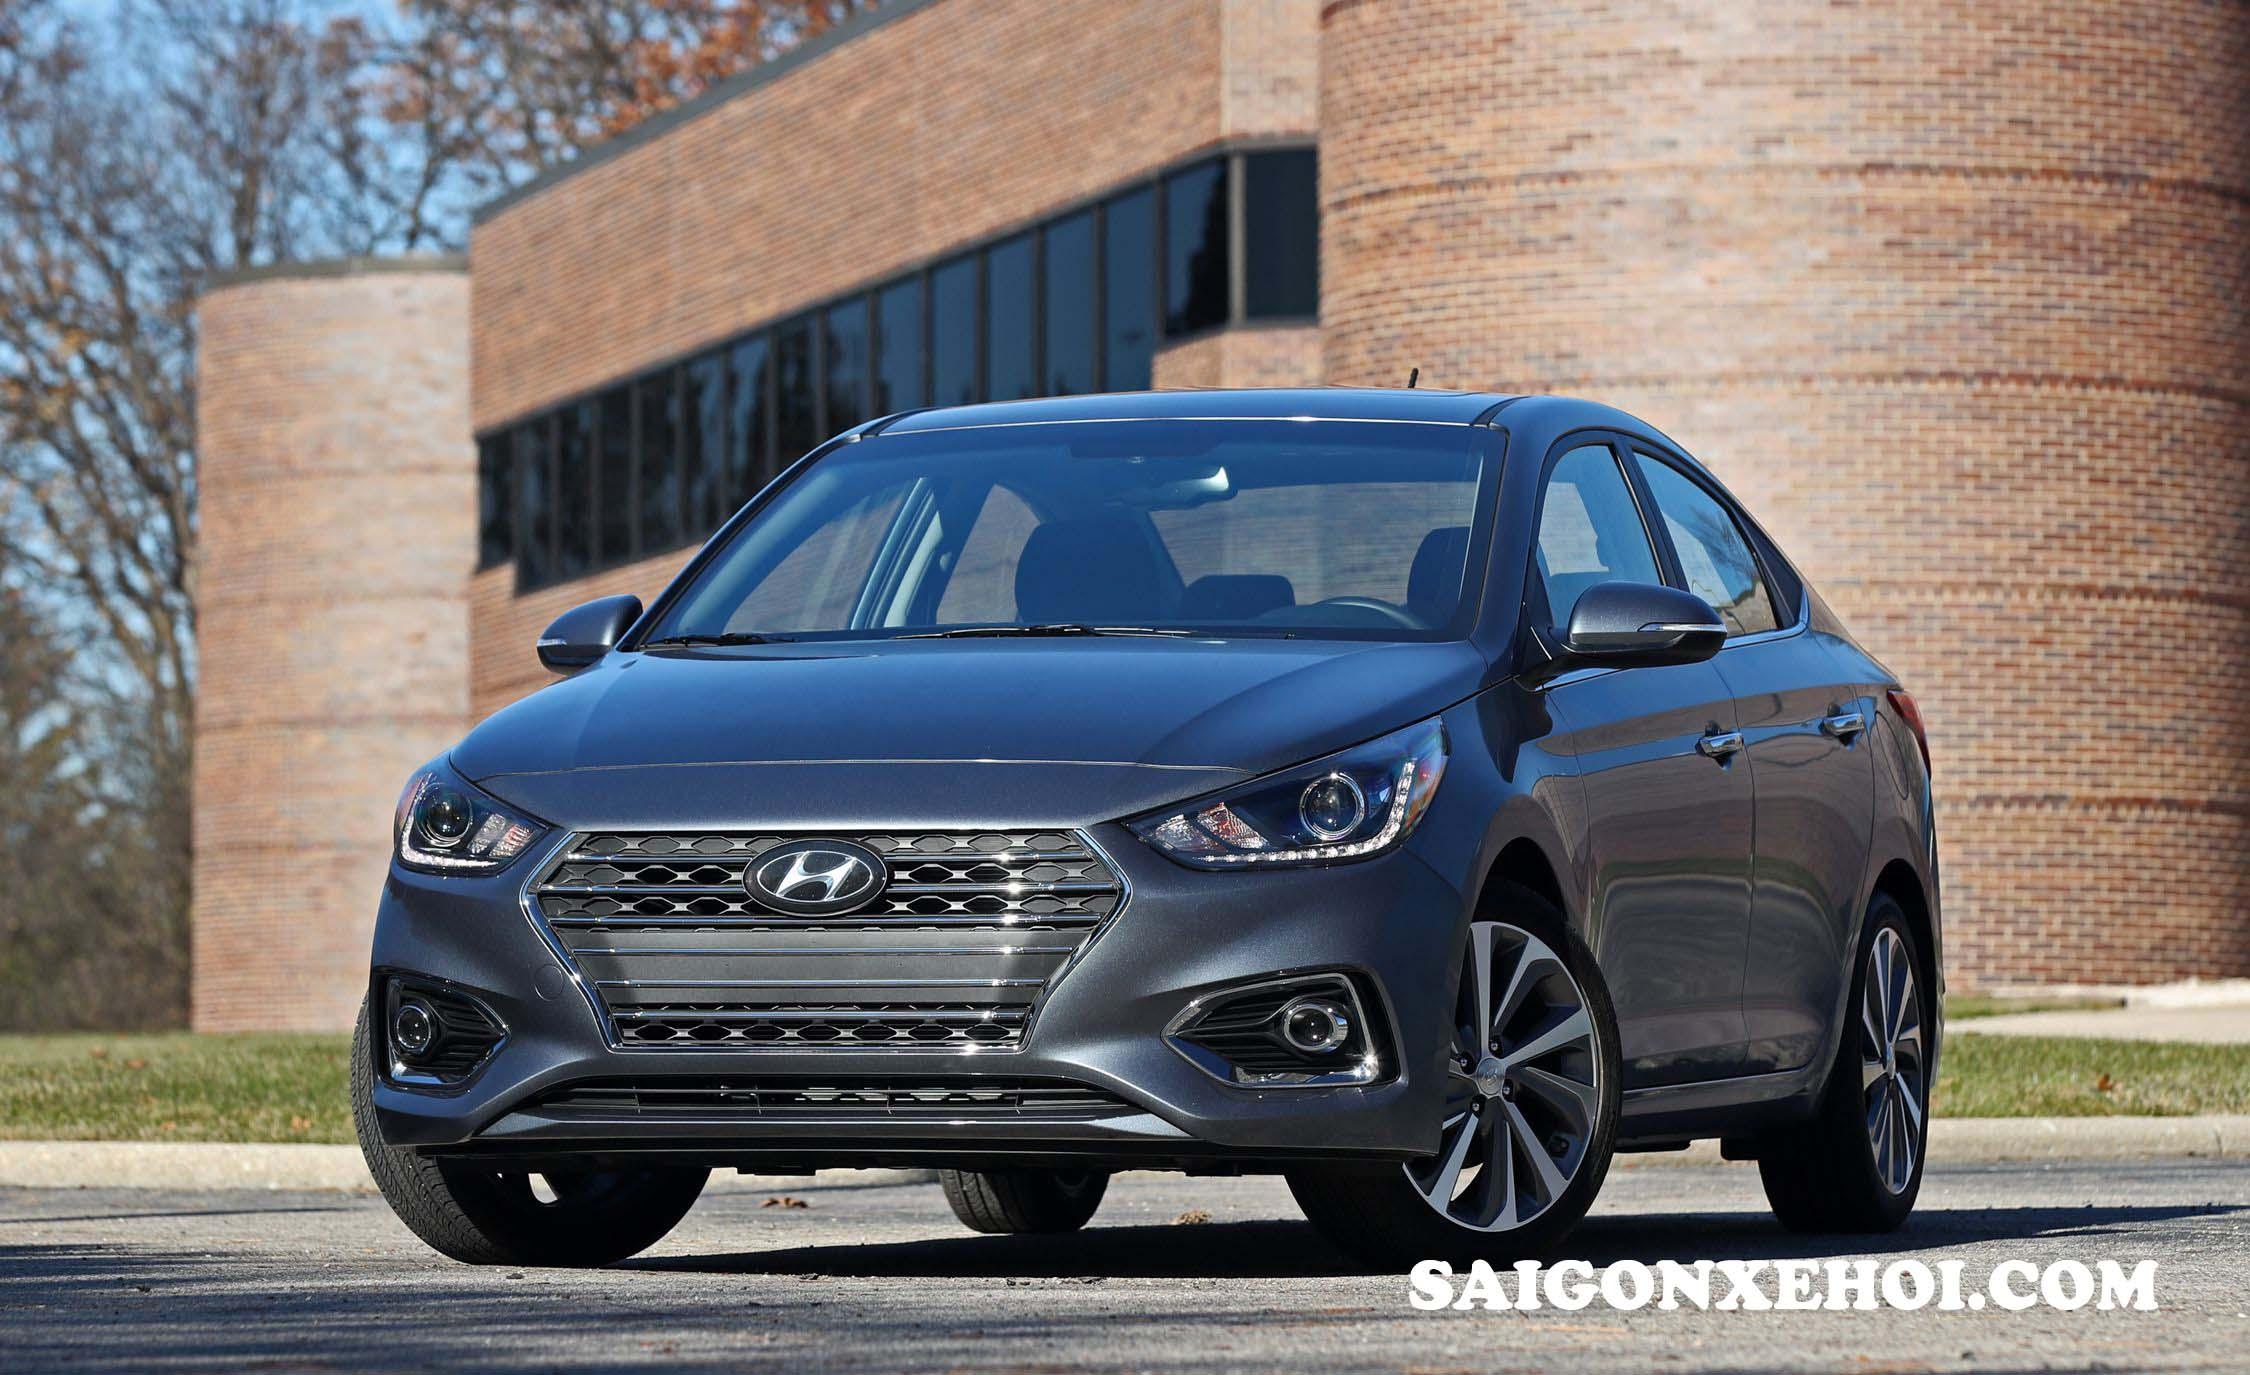 Mua xe Hyundai Accent 2020 giá rẻ